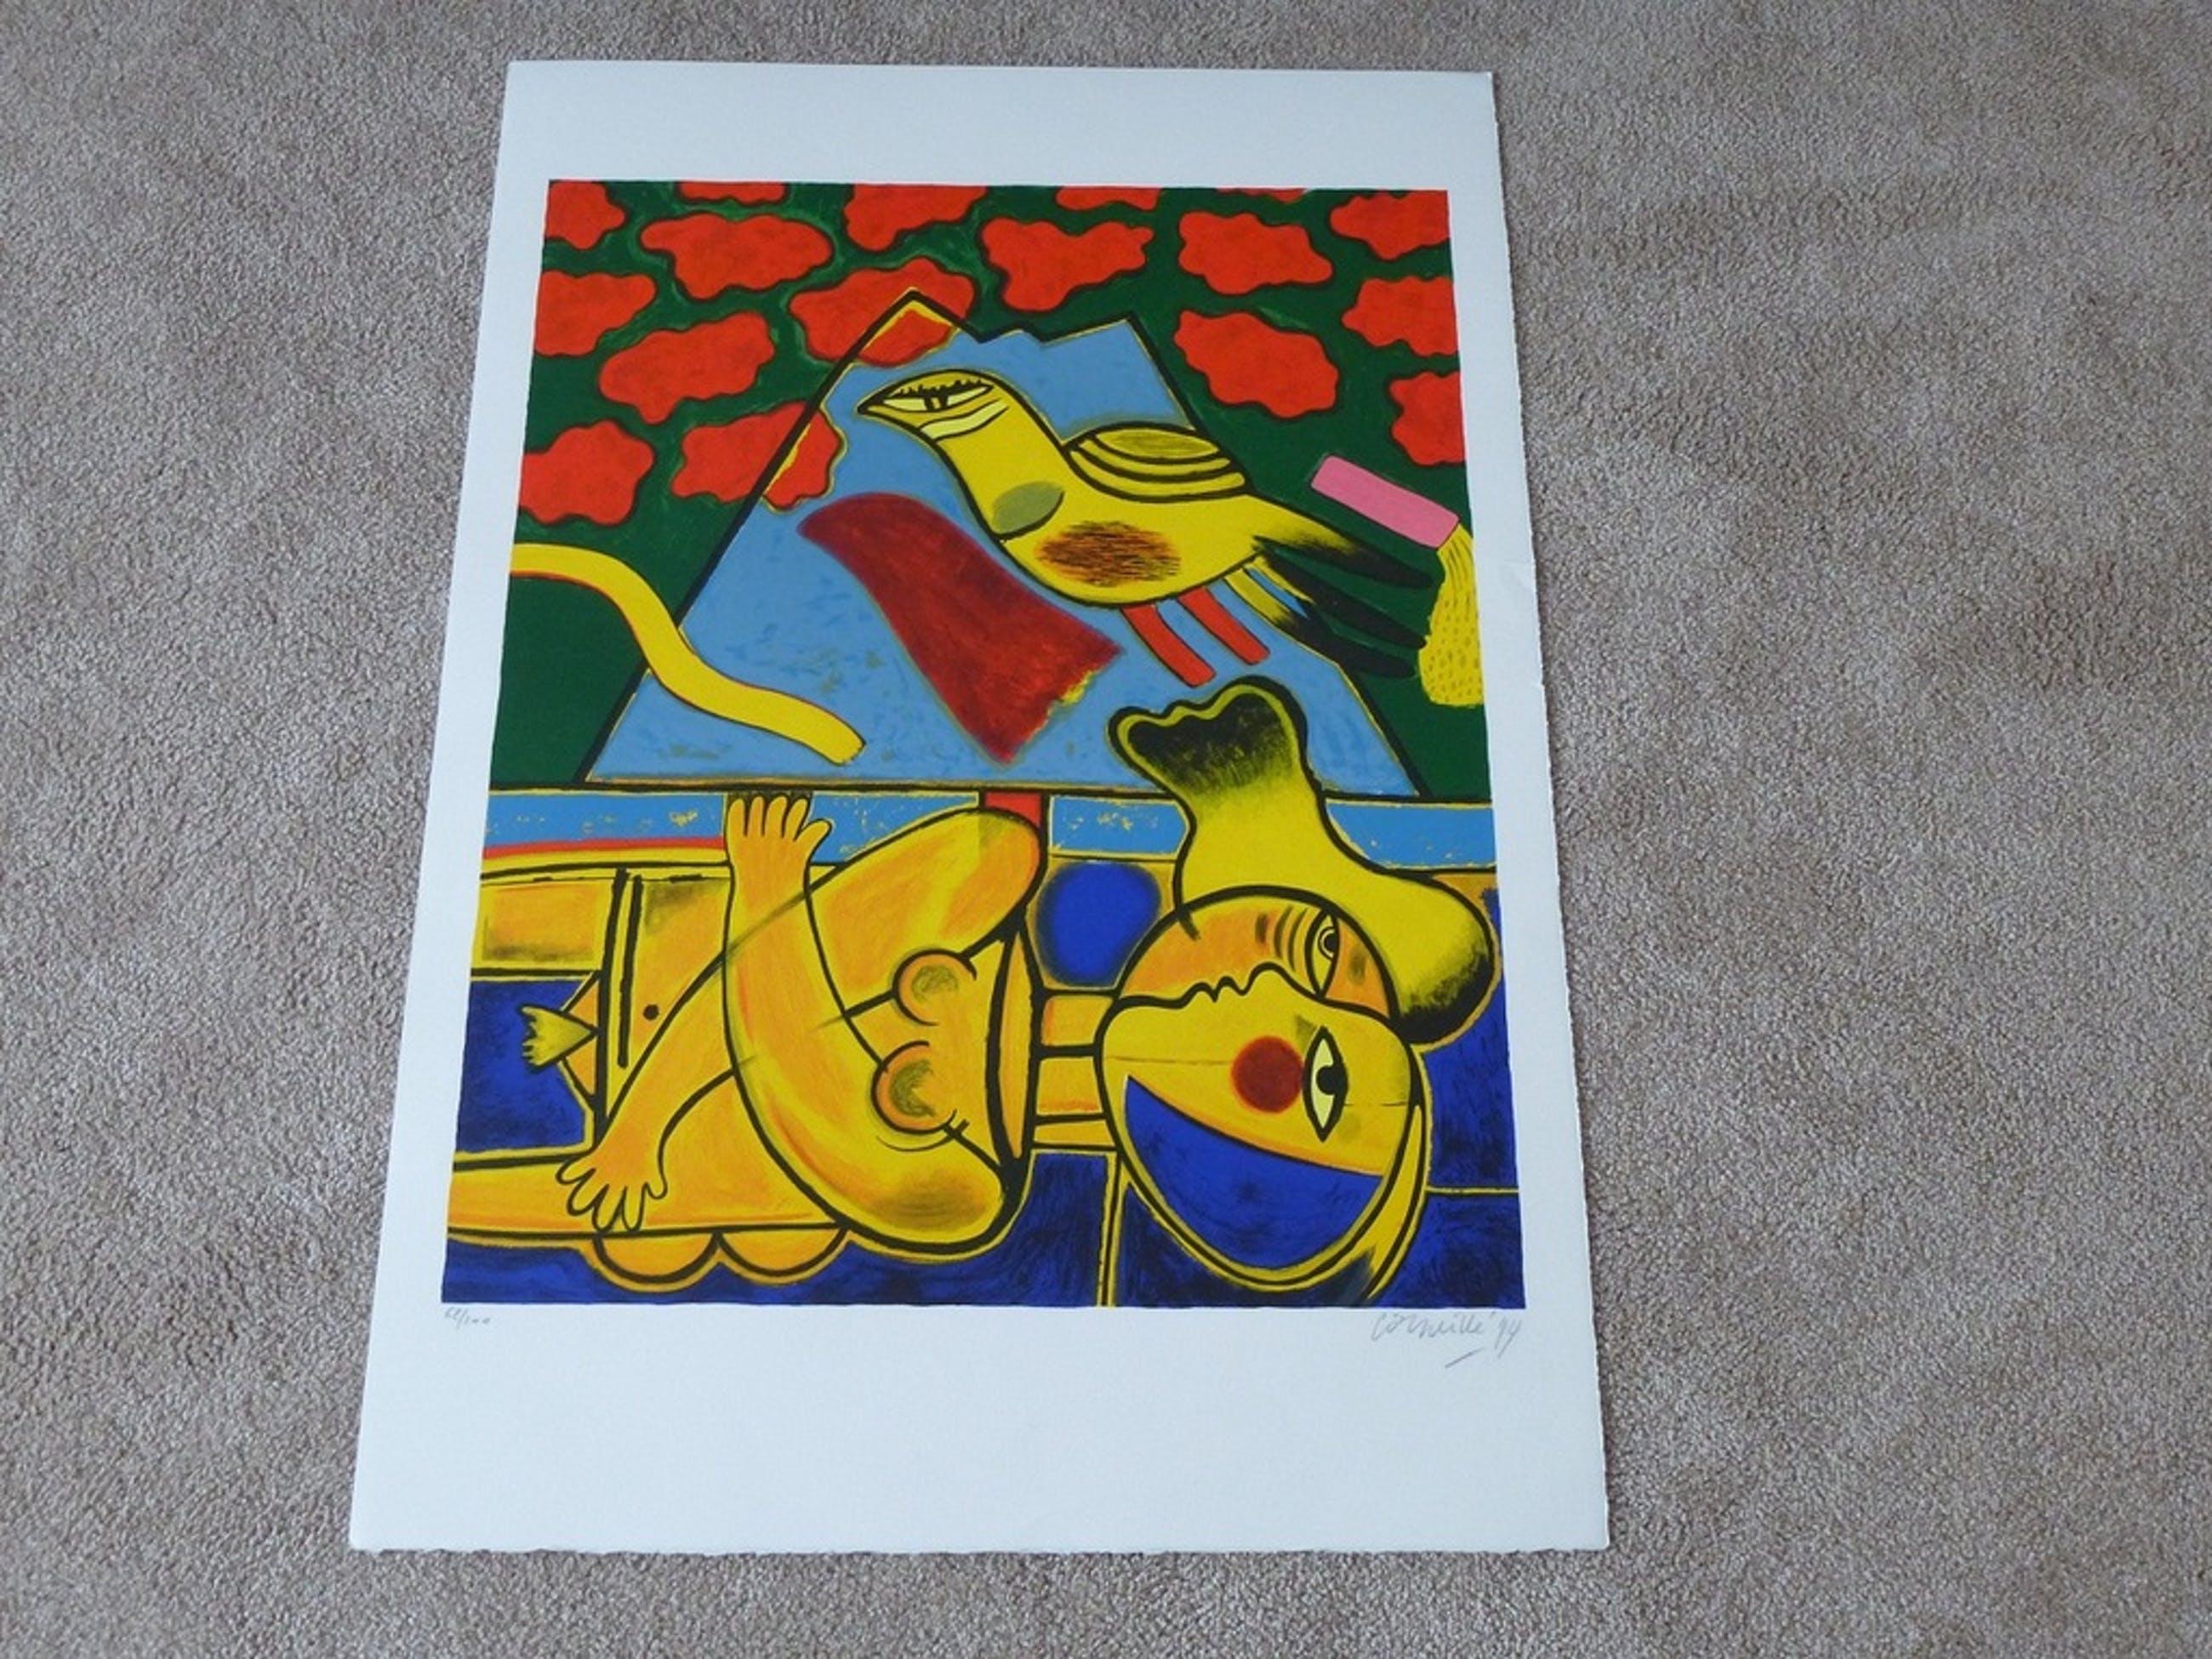 Corneille, grote zeefdruk: Fuji, 1997, handgesigneerd en genummerd kopen? Bied vanaf 425!